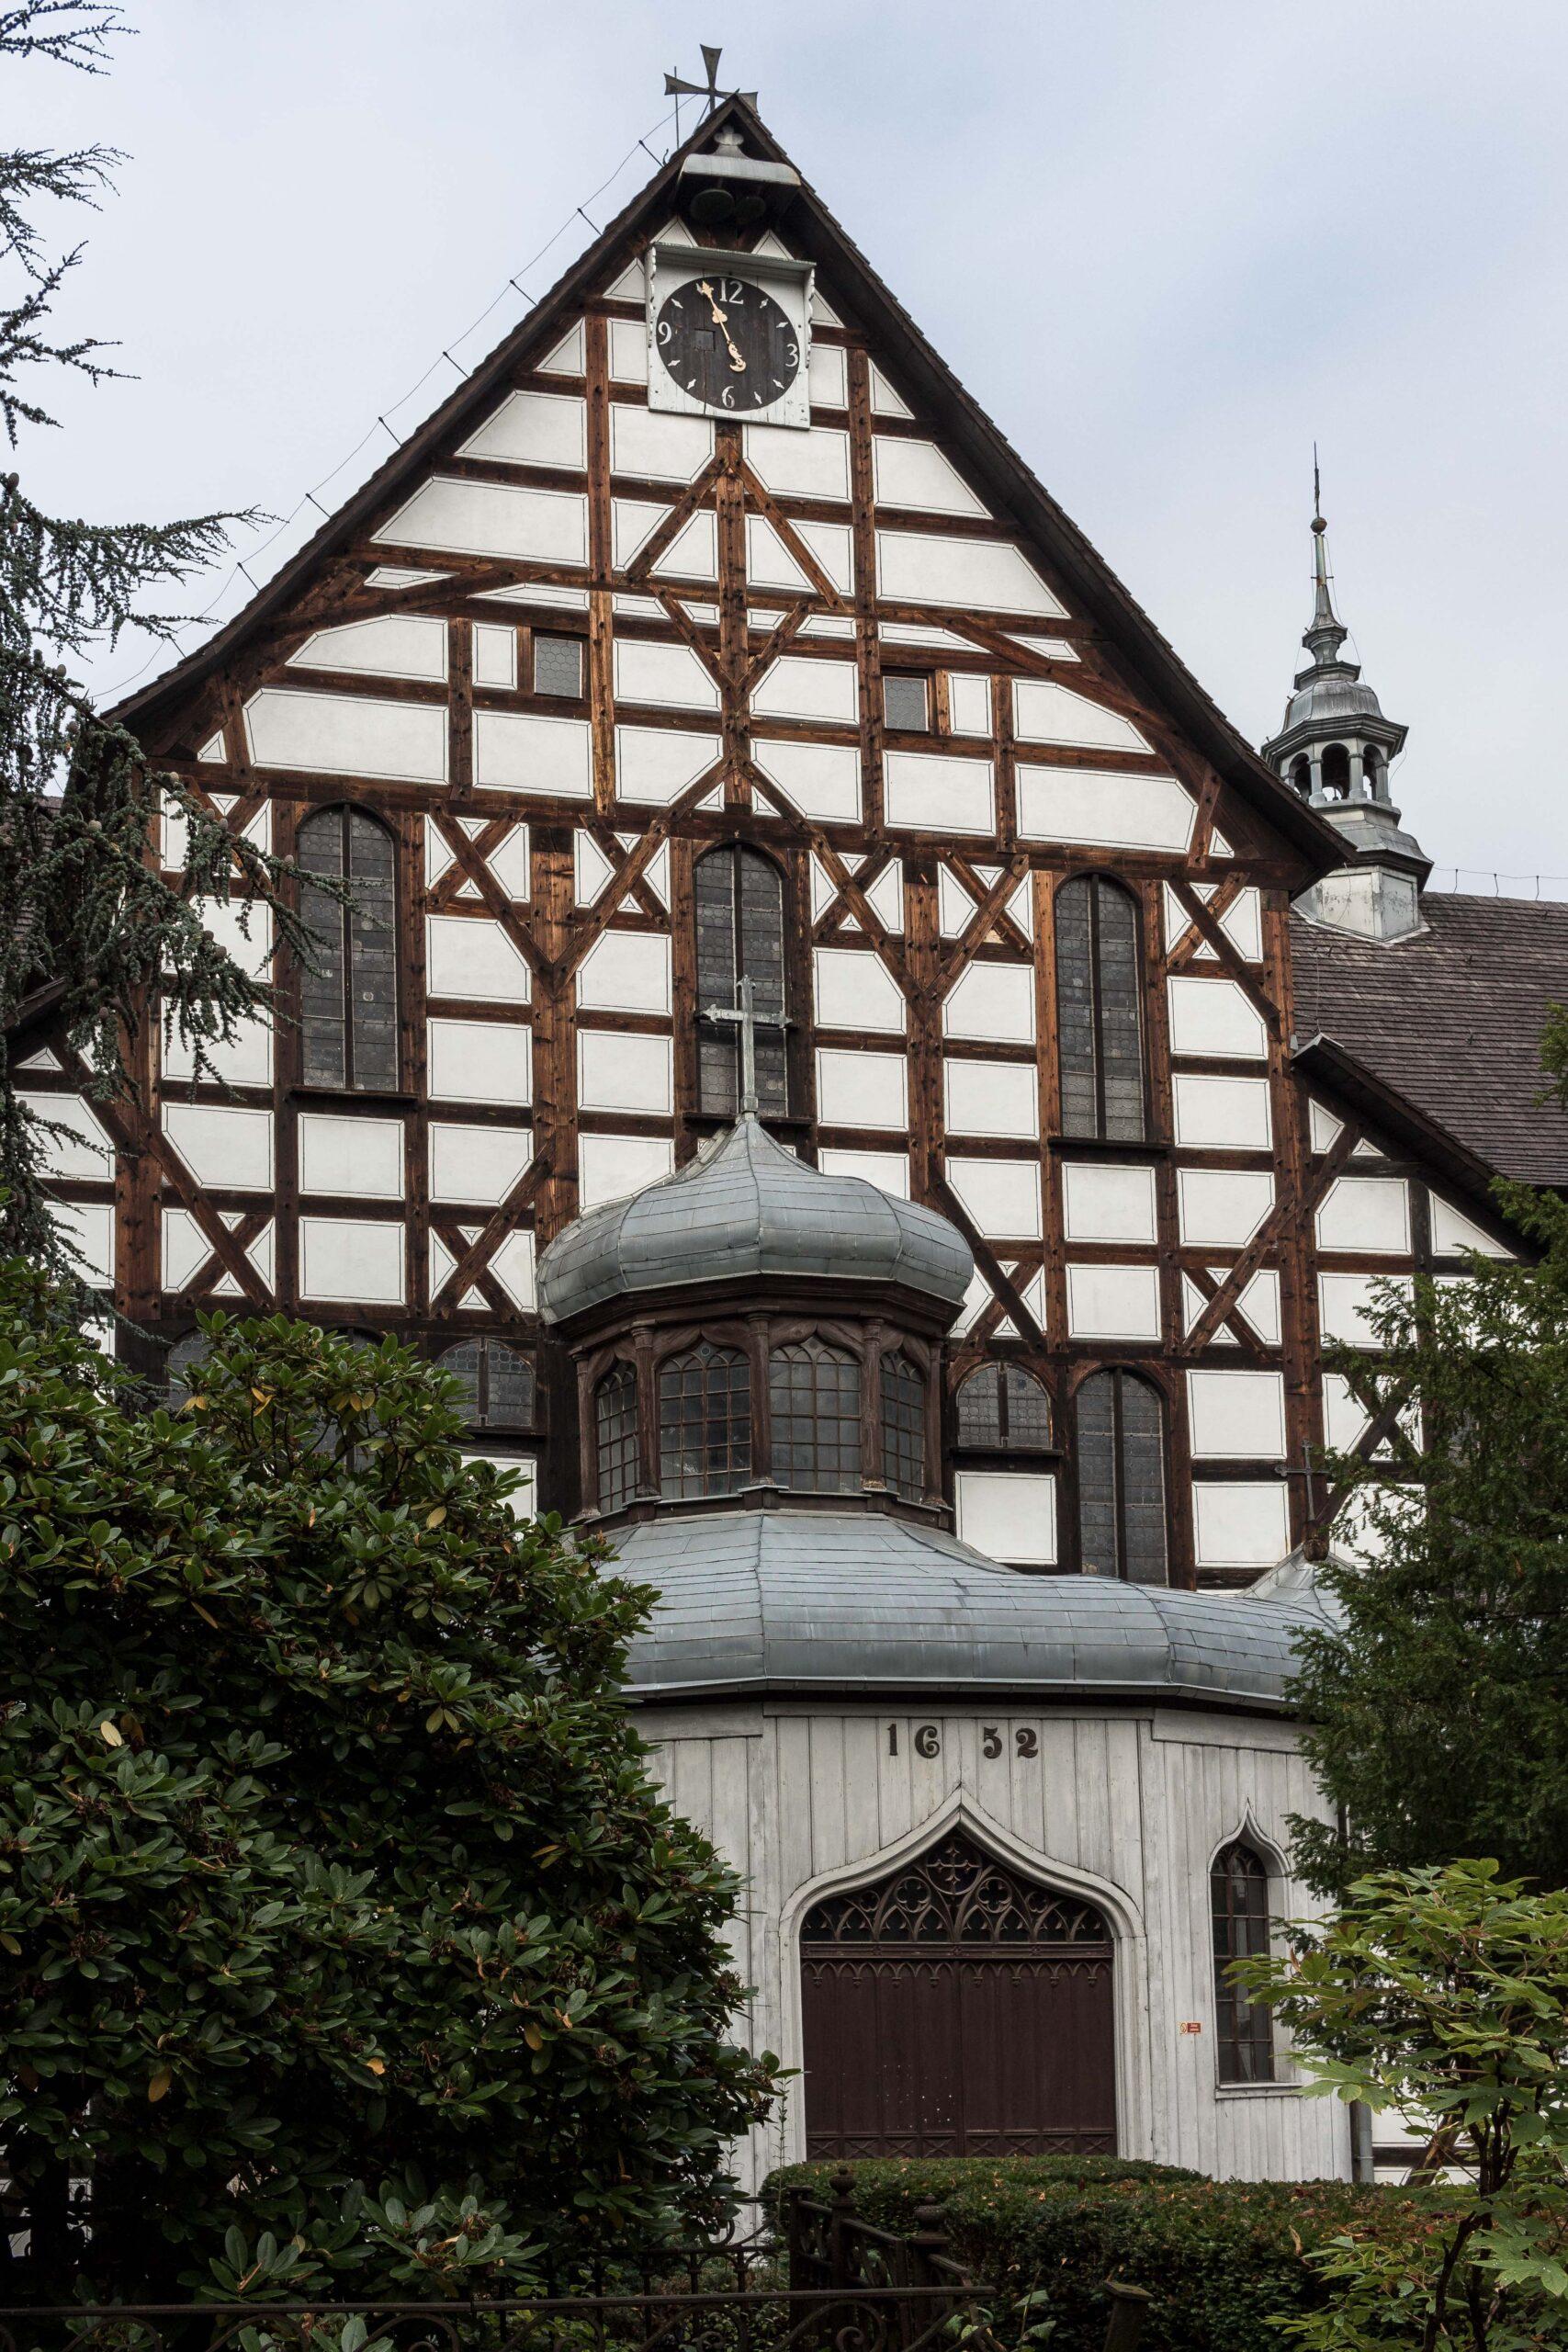 Kościoły Pokoju - Kościół Pokoju w Świdnicy